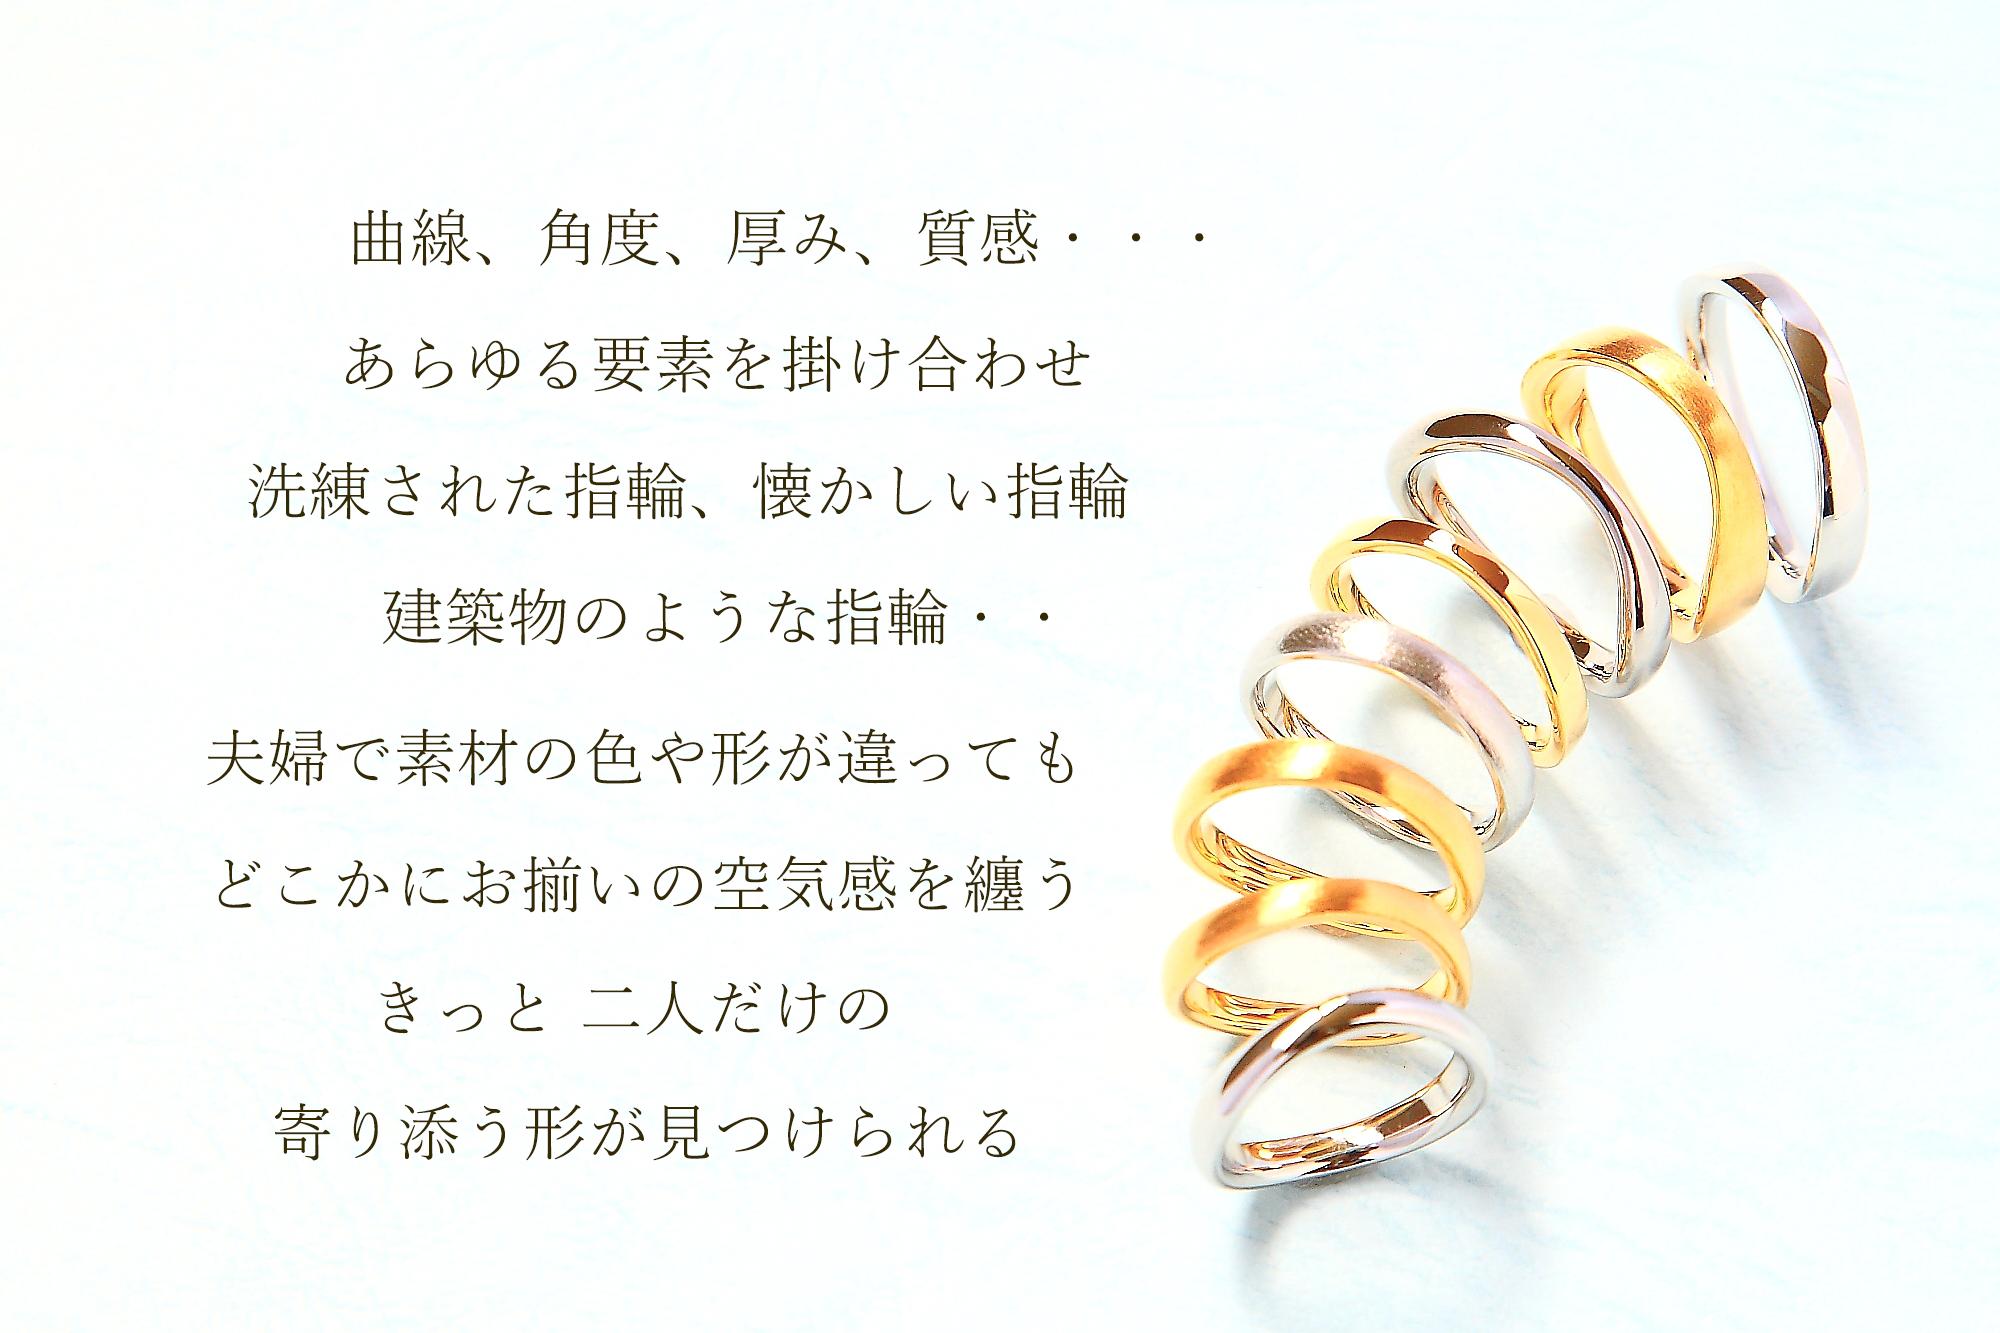 nefel ring story7